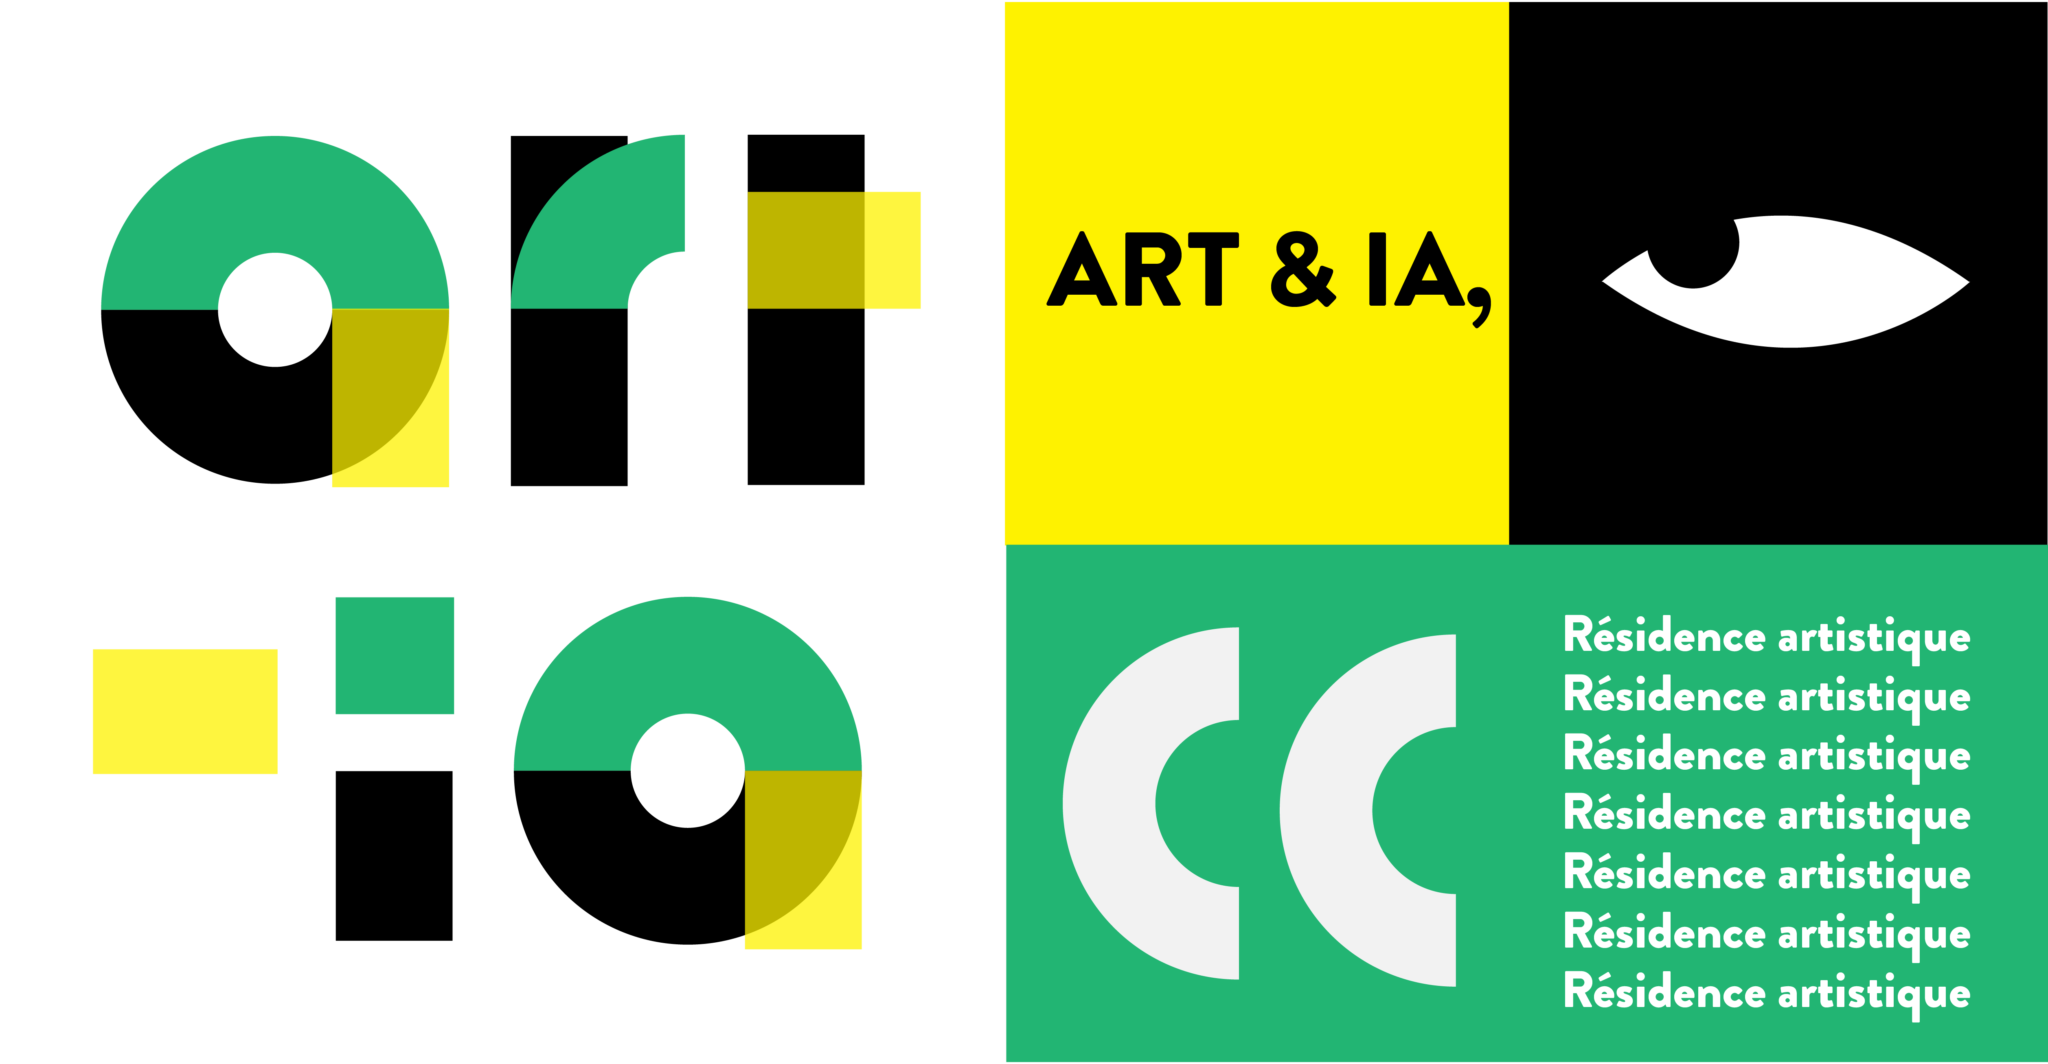 L'éclat du rire de Mélanie Crespin, Étienne Paquette, Muriel de Sangroniz, récipiendaires d'Art & IA